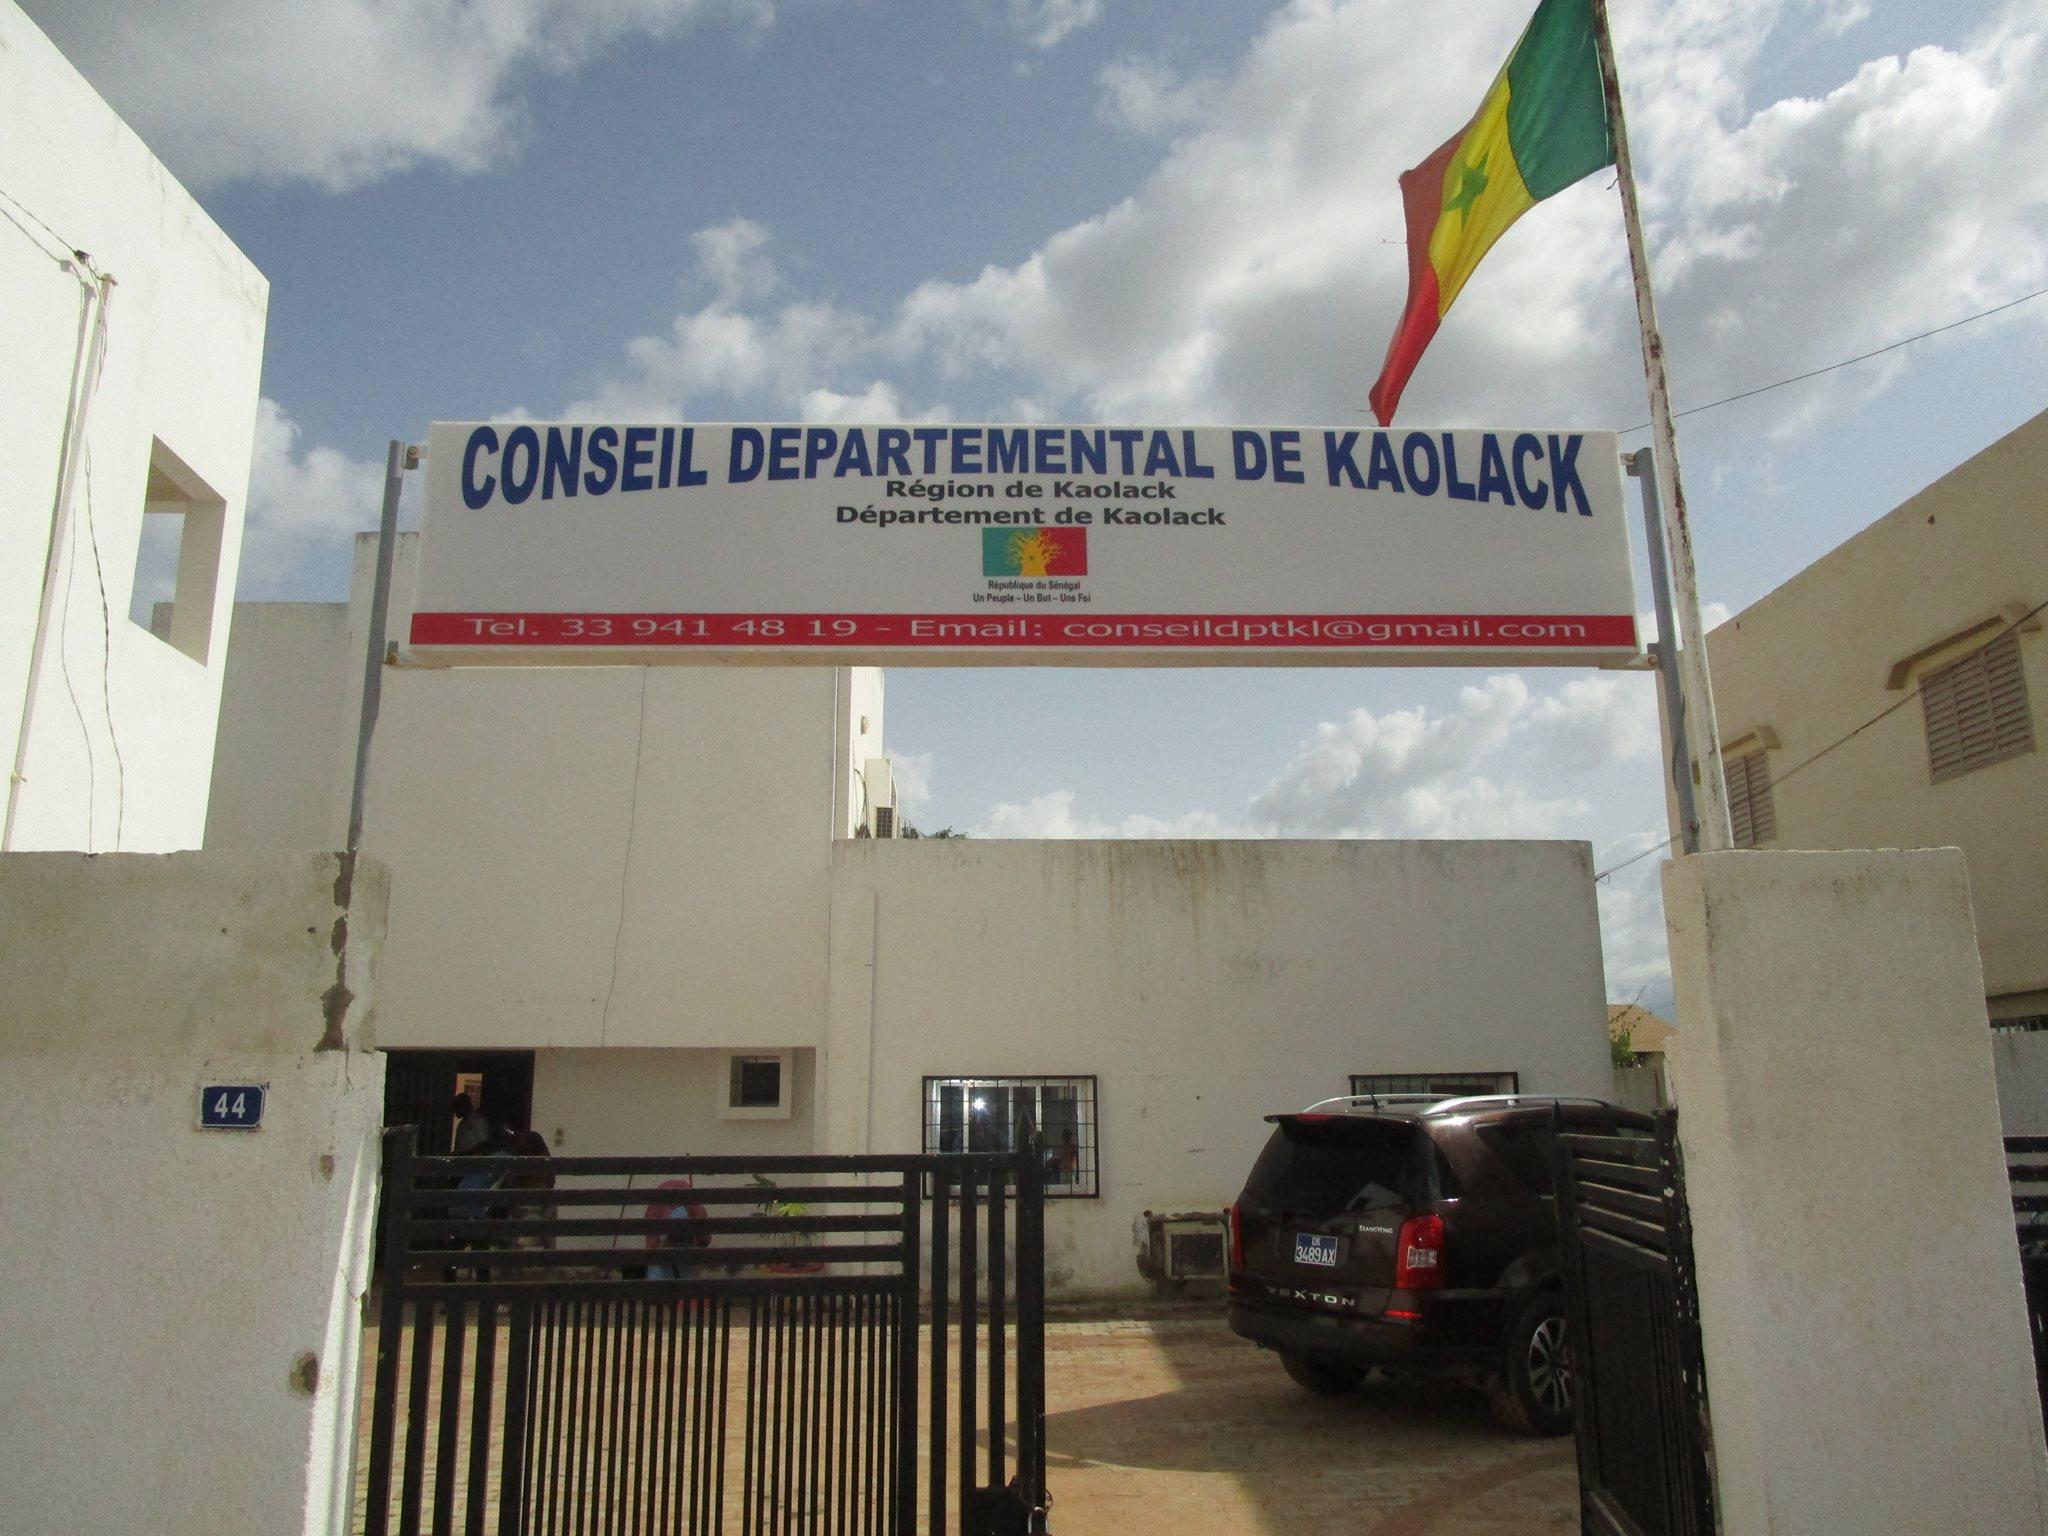 Cambriolage : Le Conseil départemental de Kaolack visité nuitamment par des malfaiteurs.